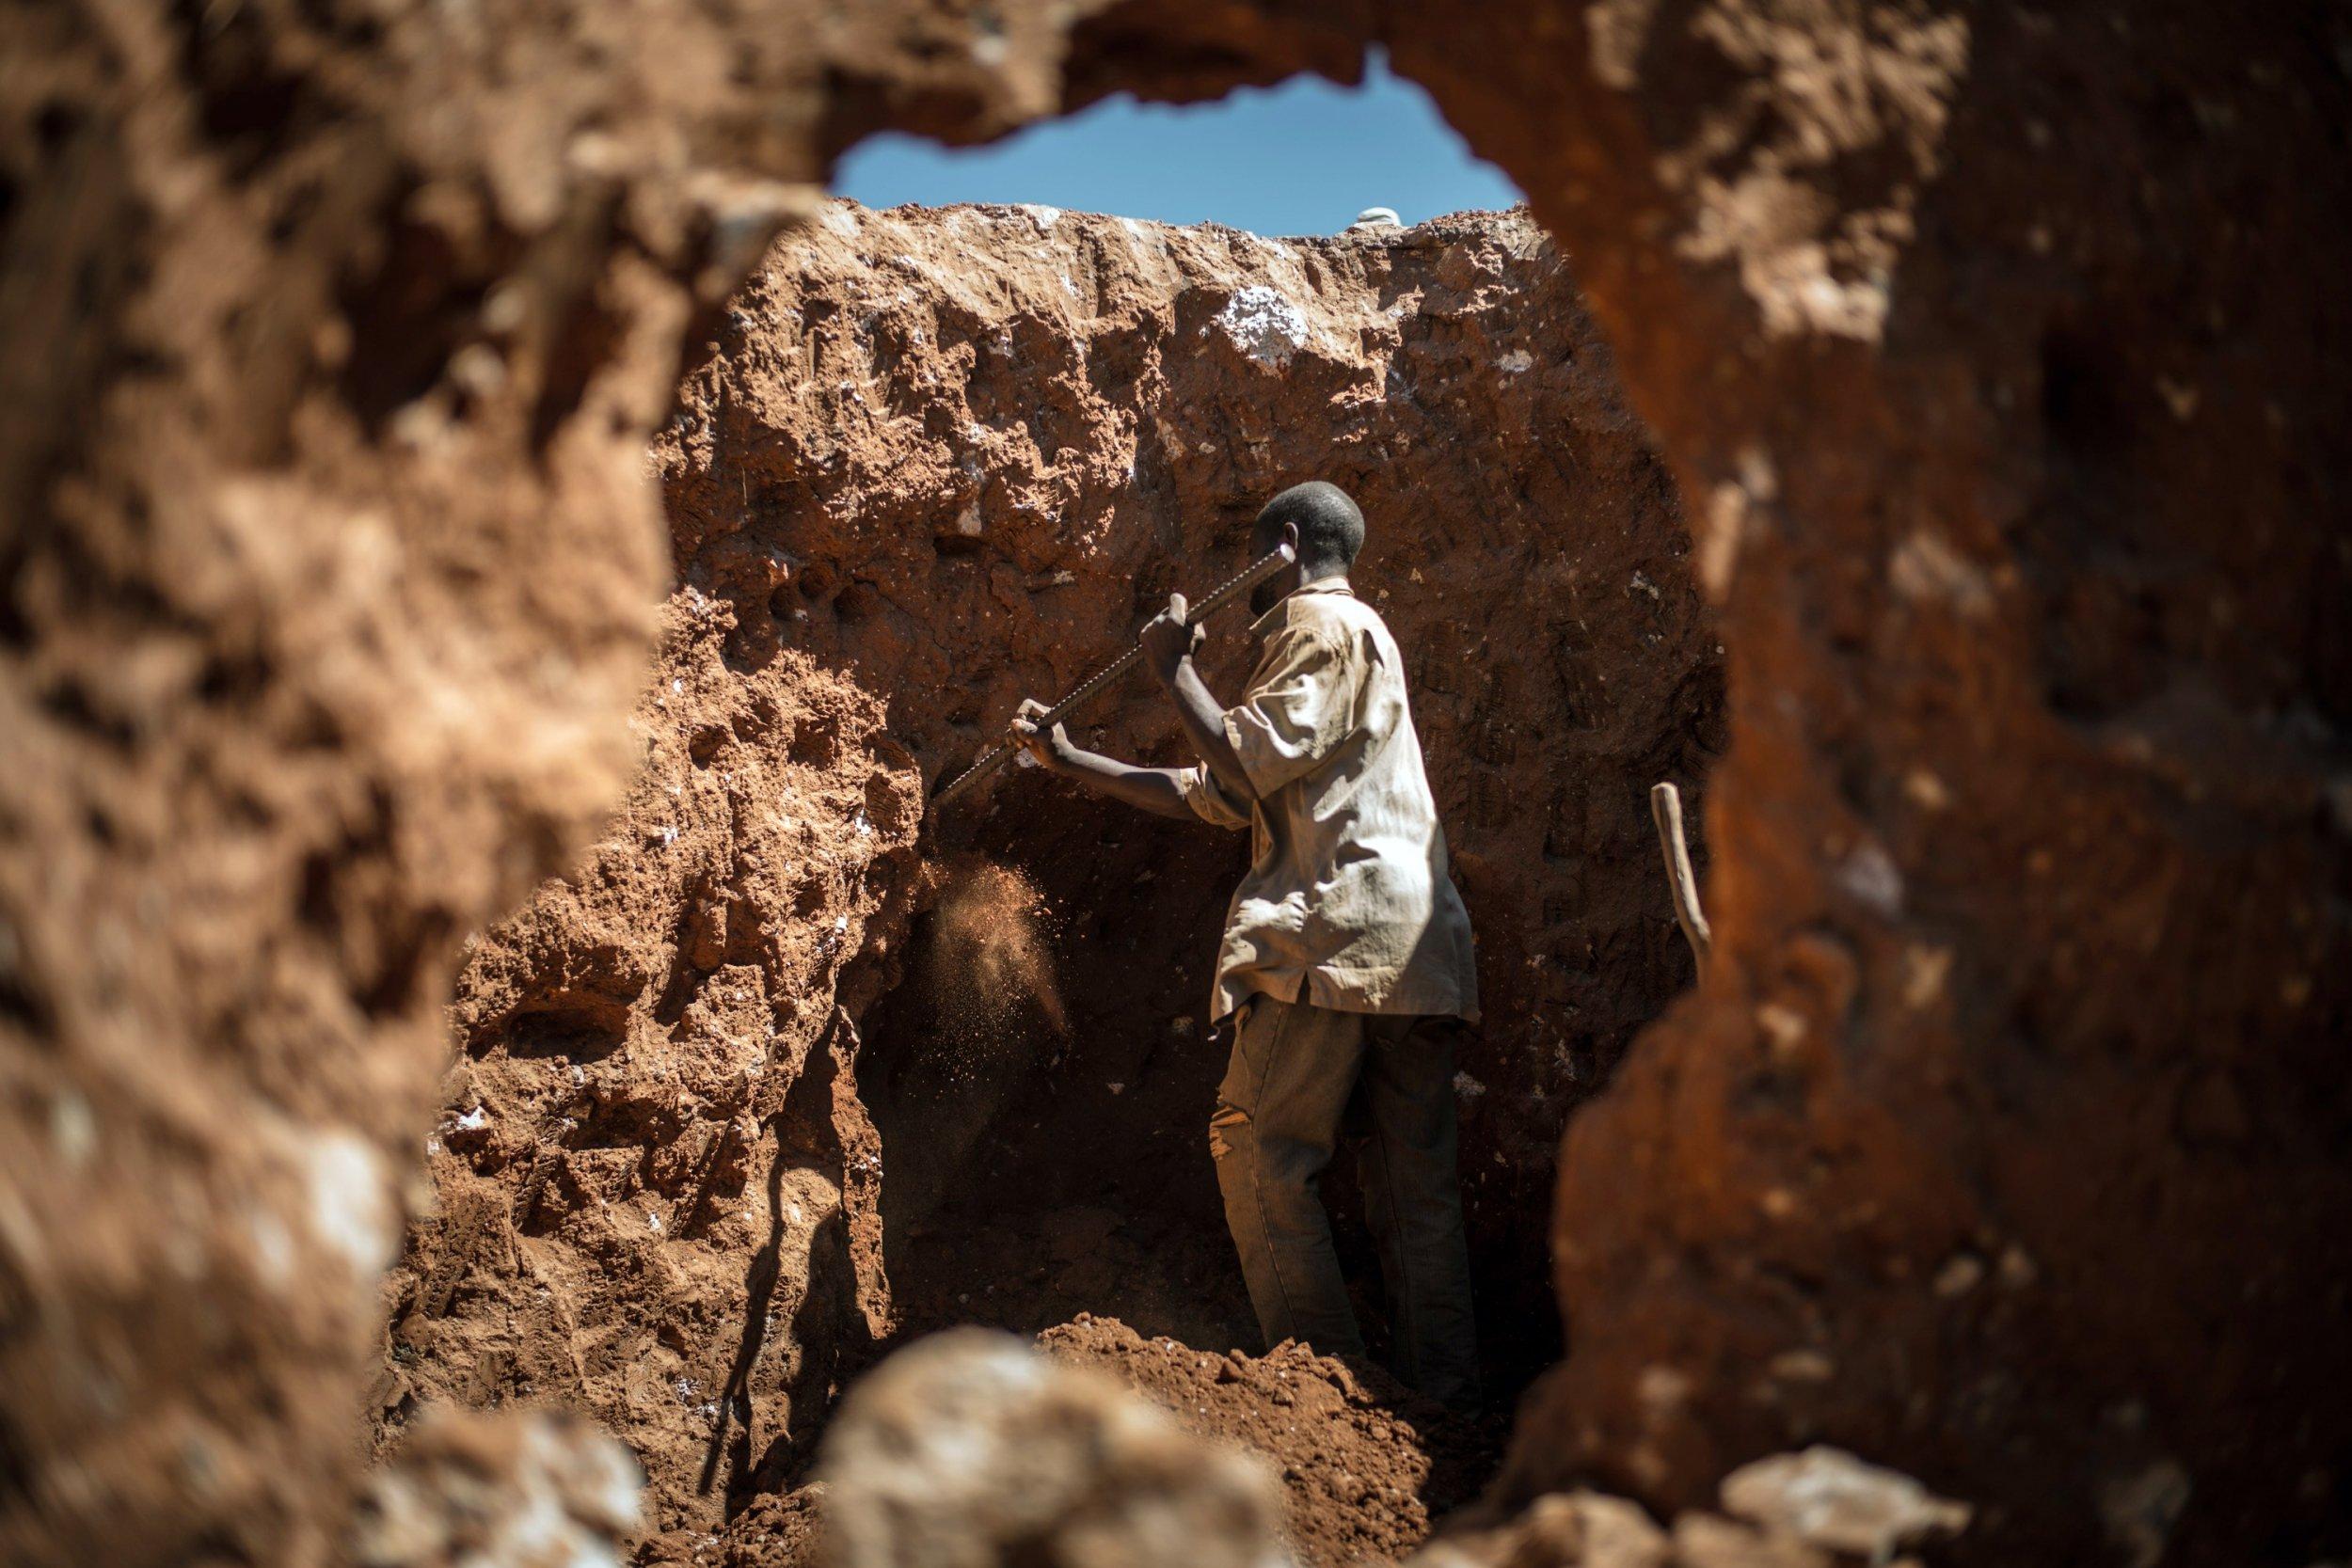 Congo miner looks for cobalt